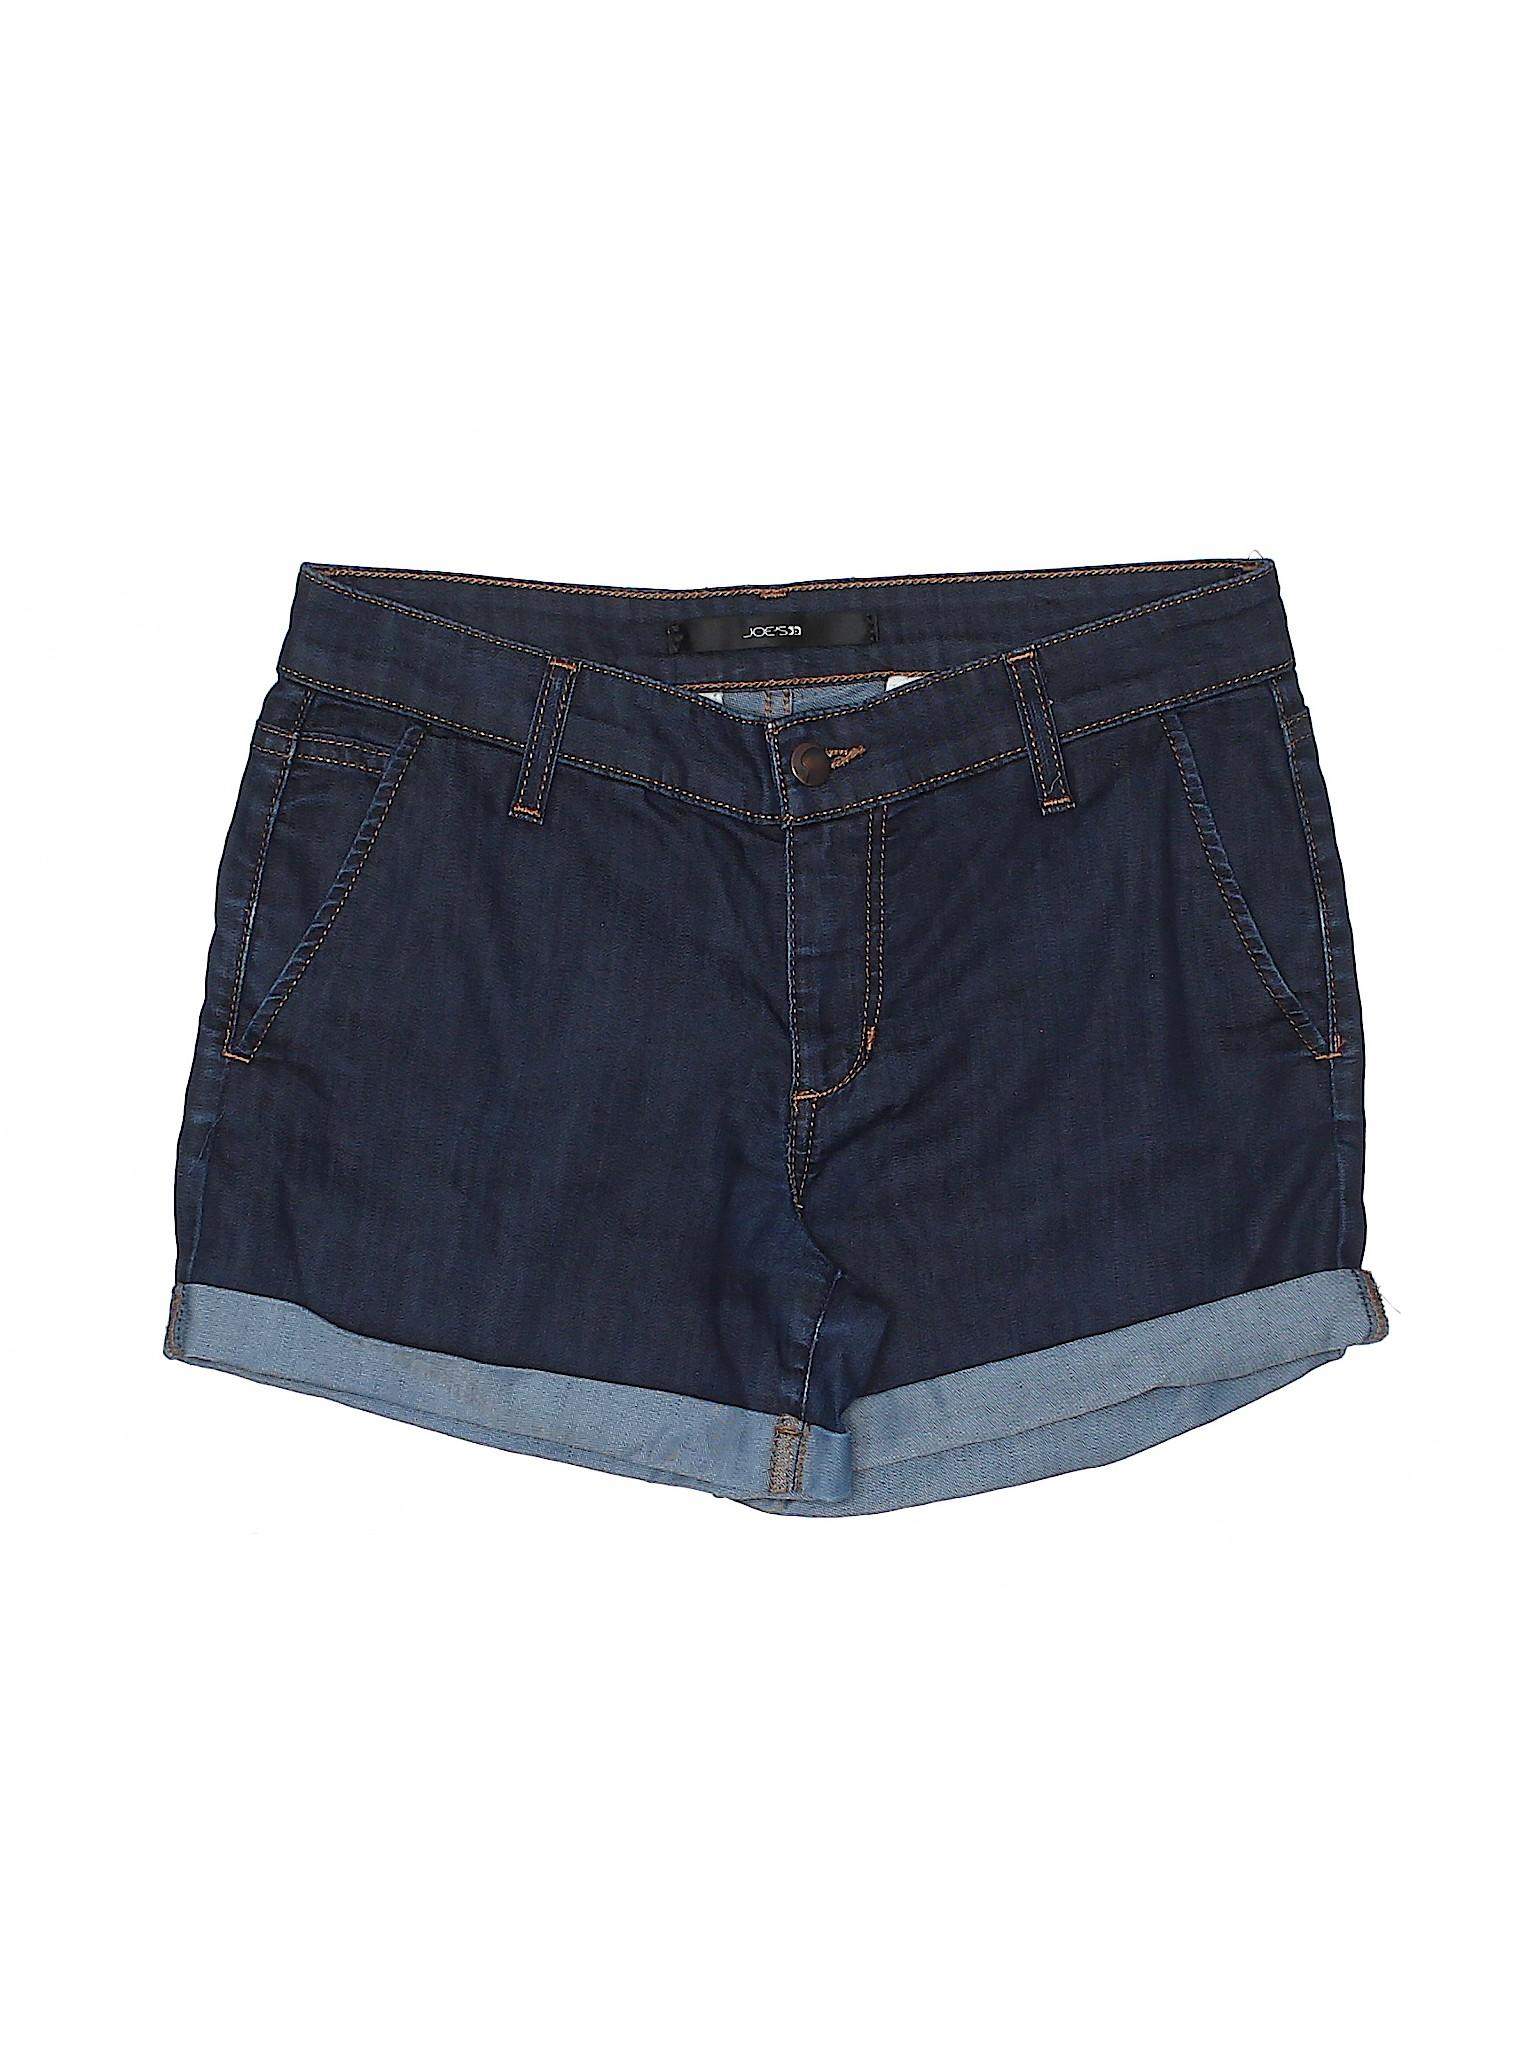 Boutique Denim Jeans Joe's Shorts Joe's Boutique UZTZwqP